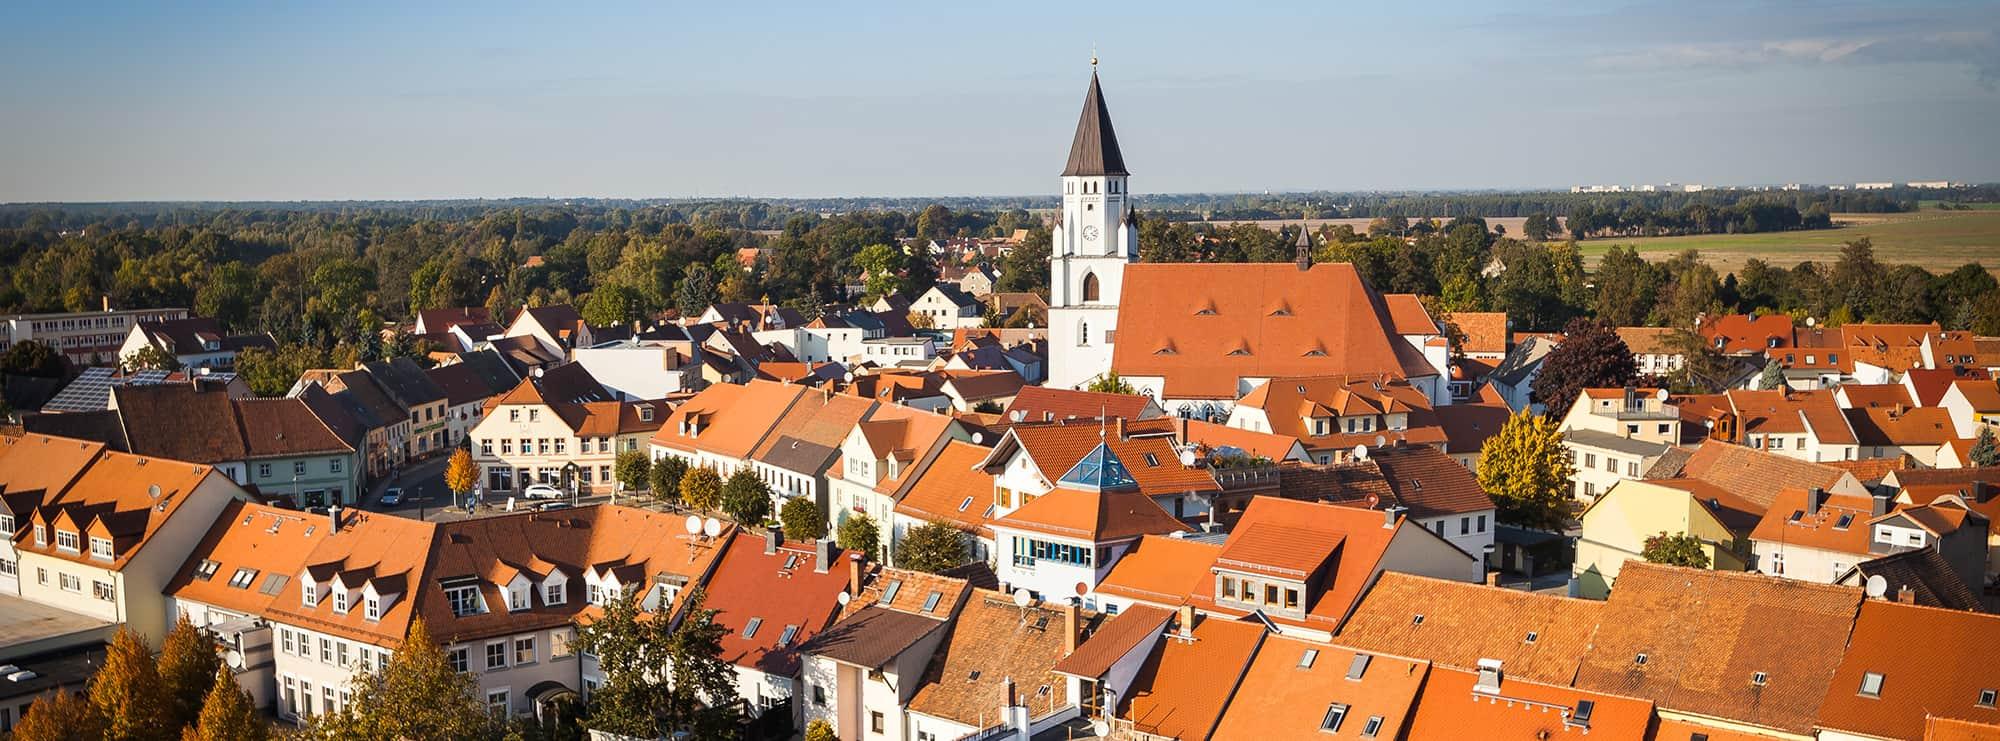 Blick vom Brauereischornstein in Richtung Marktplatz